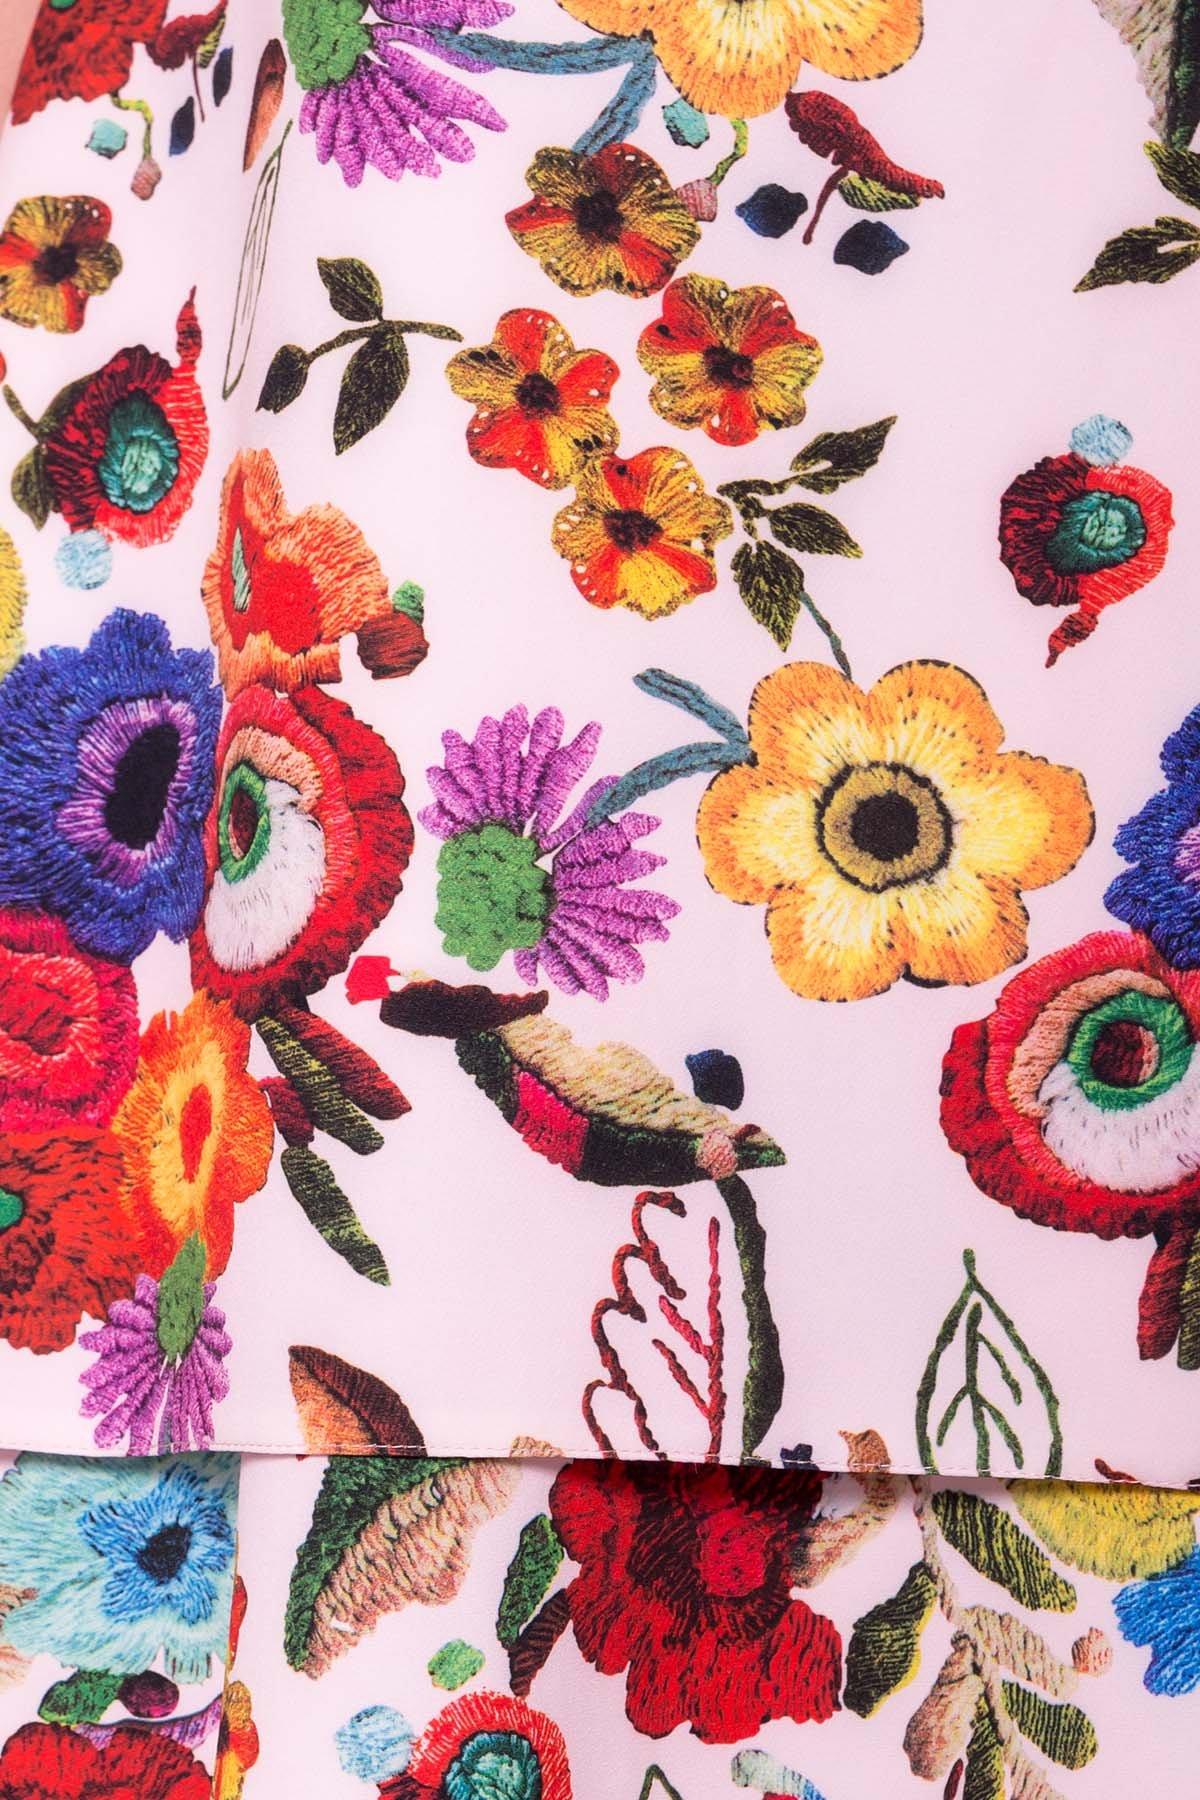 Платье Делафер DONNA 6885 АРТ. 43035 Цвет: Цветы комби розовый св - фото 4, интернет магазин tm-modus.ru